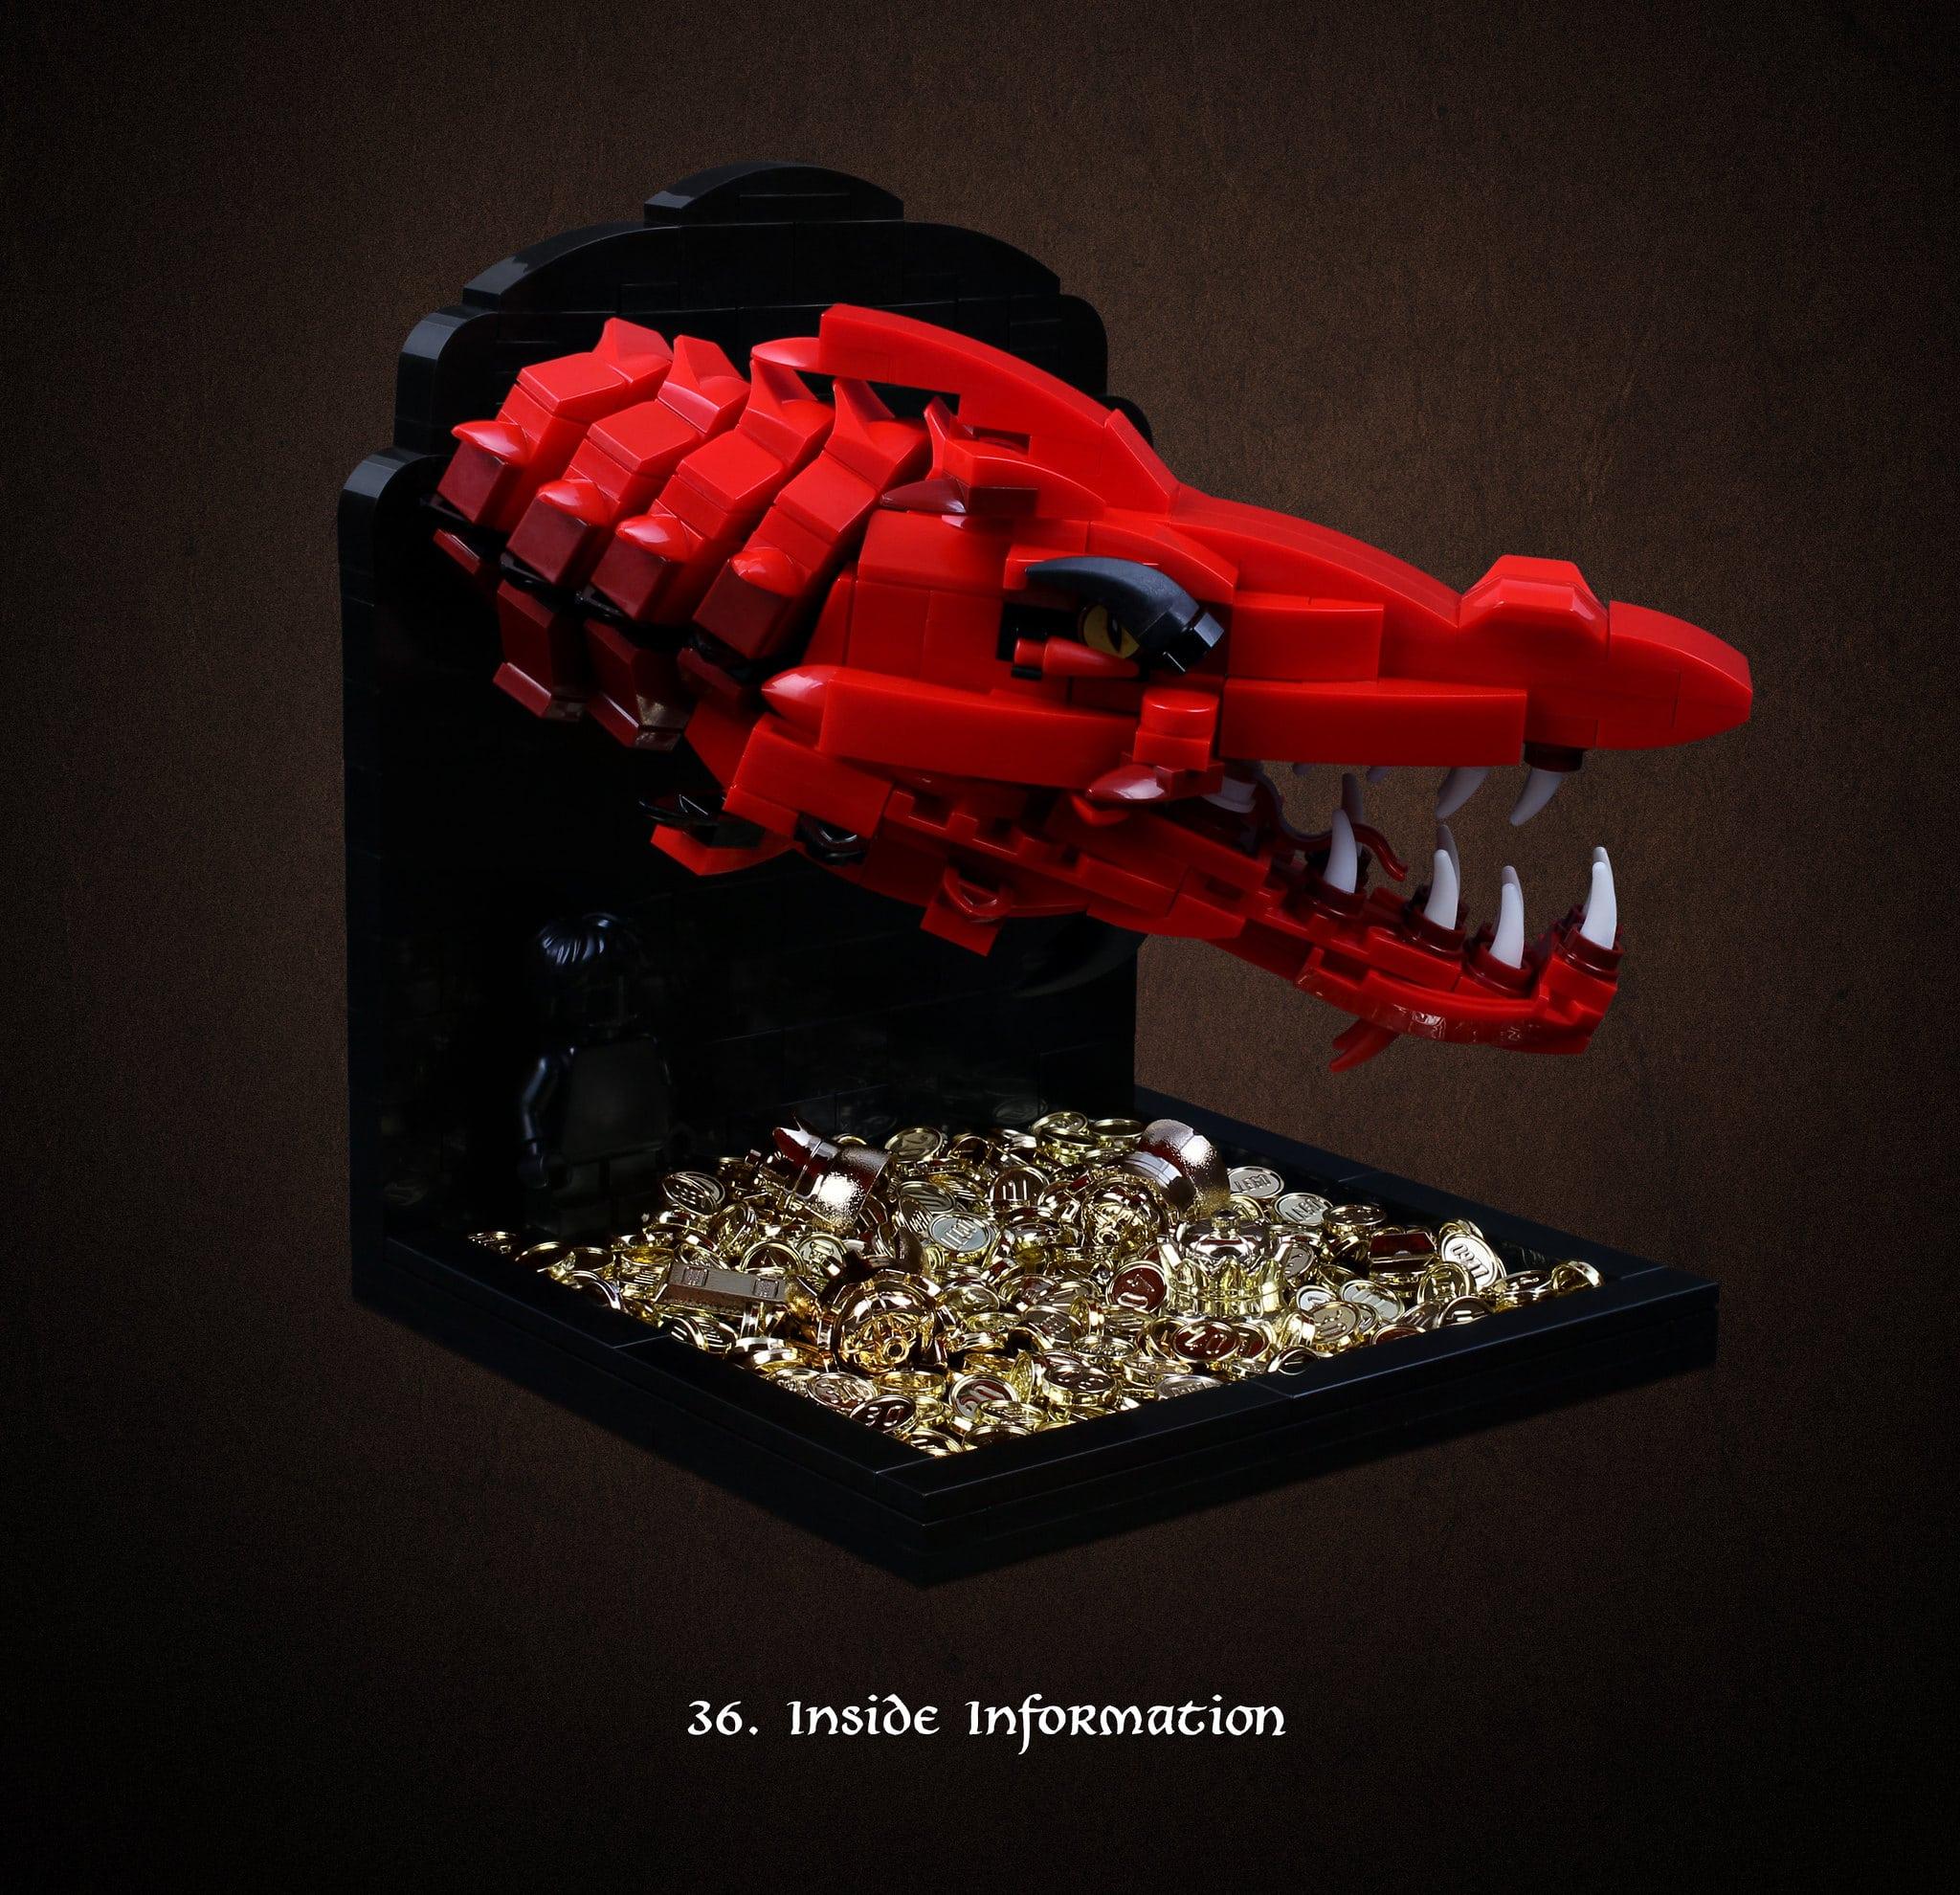 LEGO Hobbit Thorsten Bonsch Vignetten Serie (36)